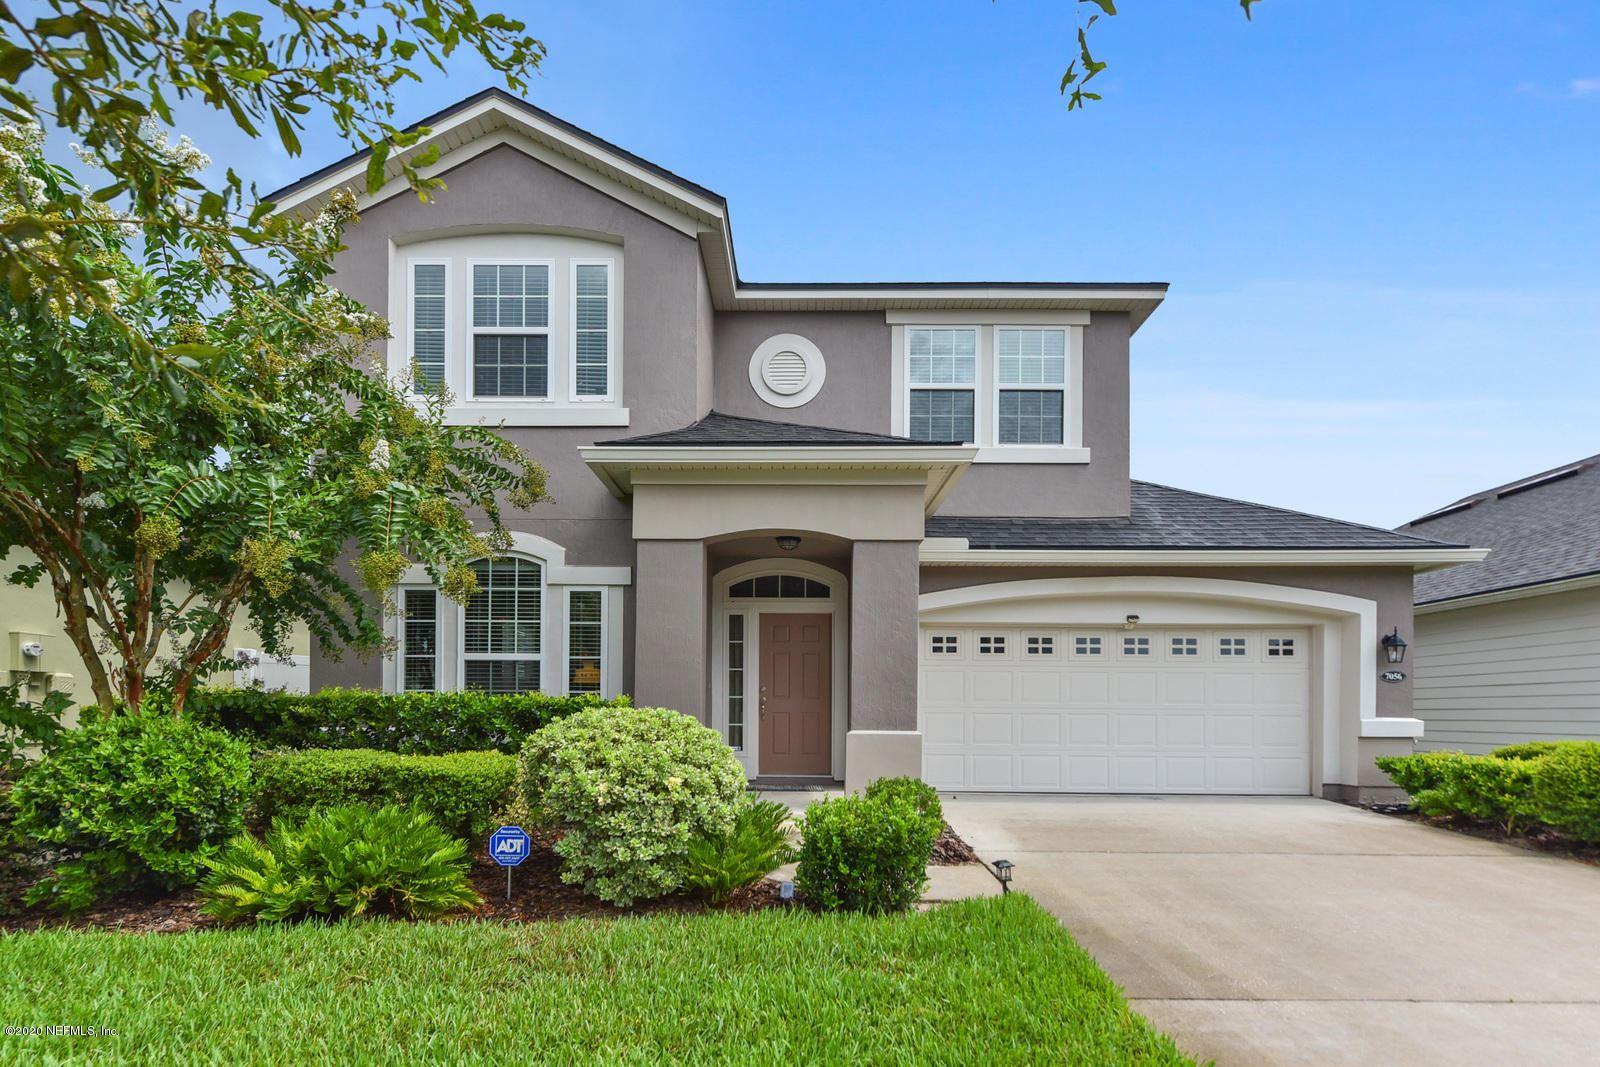 7056 MIRABELLE DR, Jacksonville, FL 32258 - MLS#: 1065452